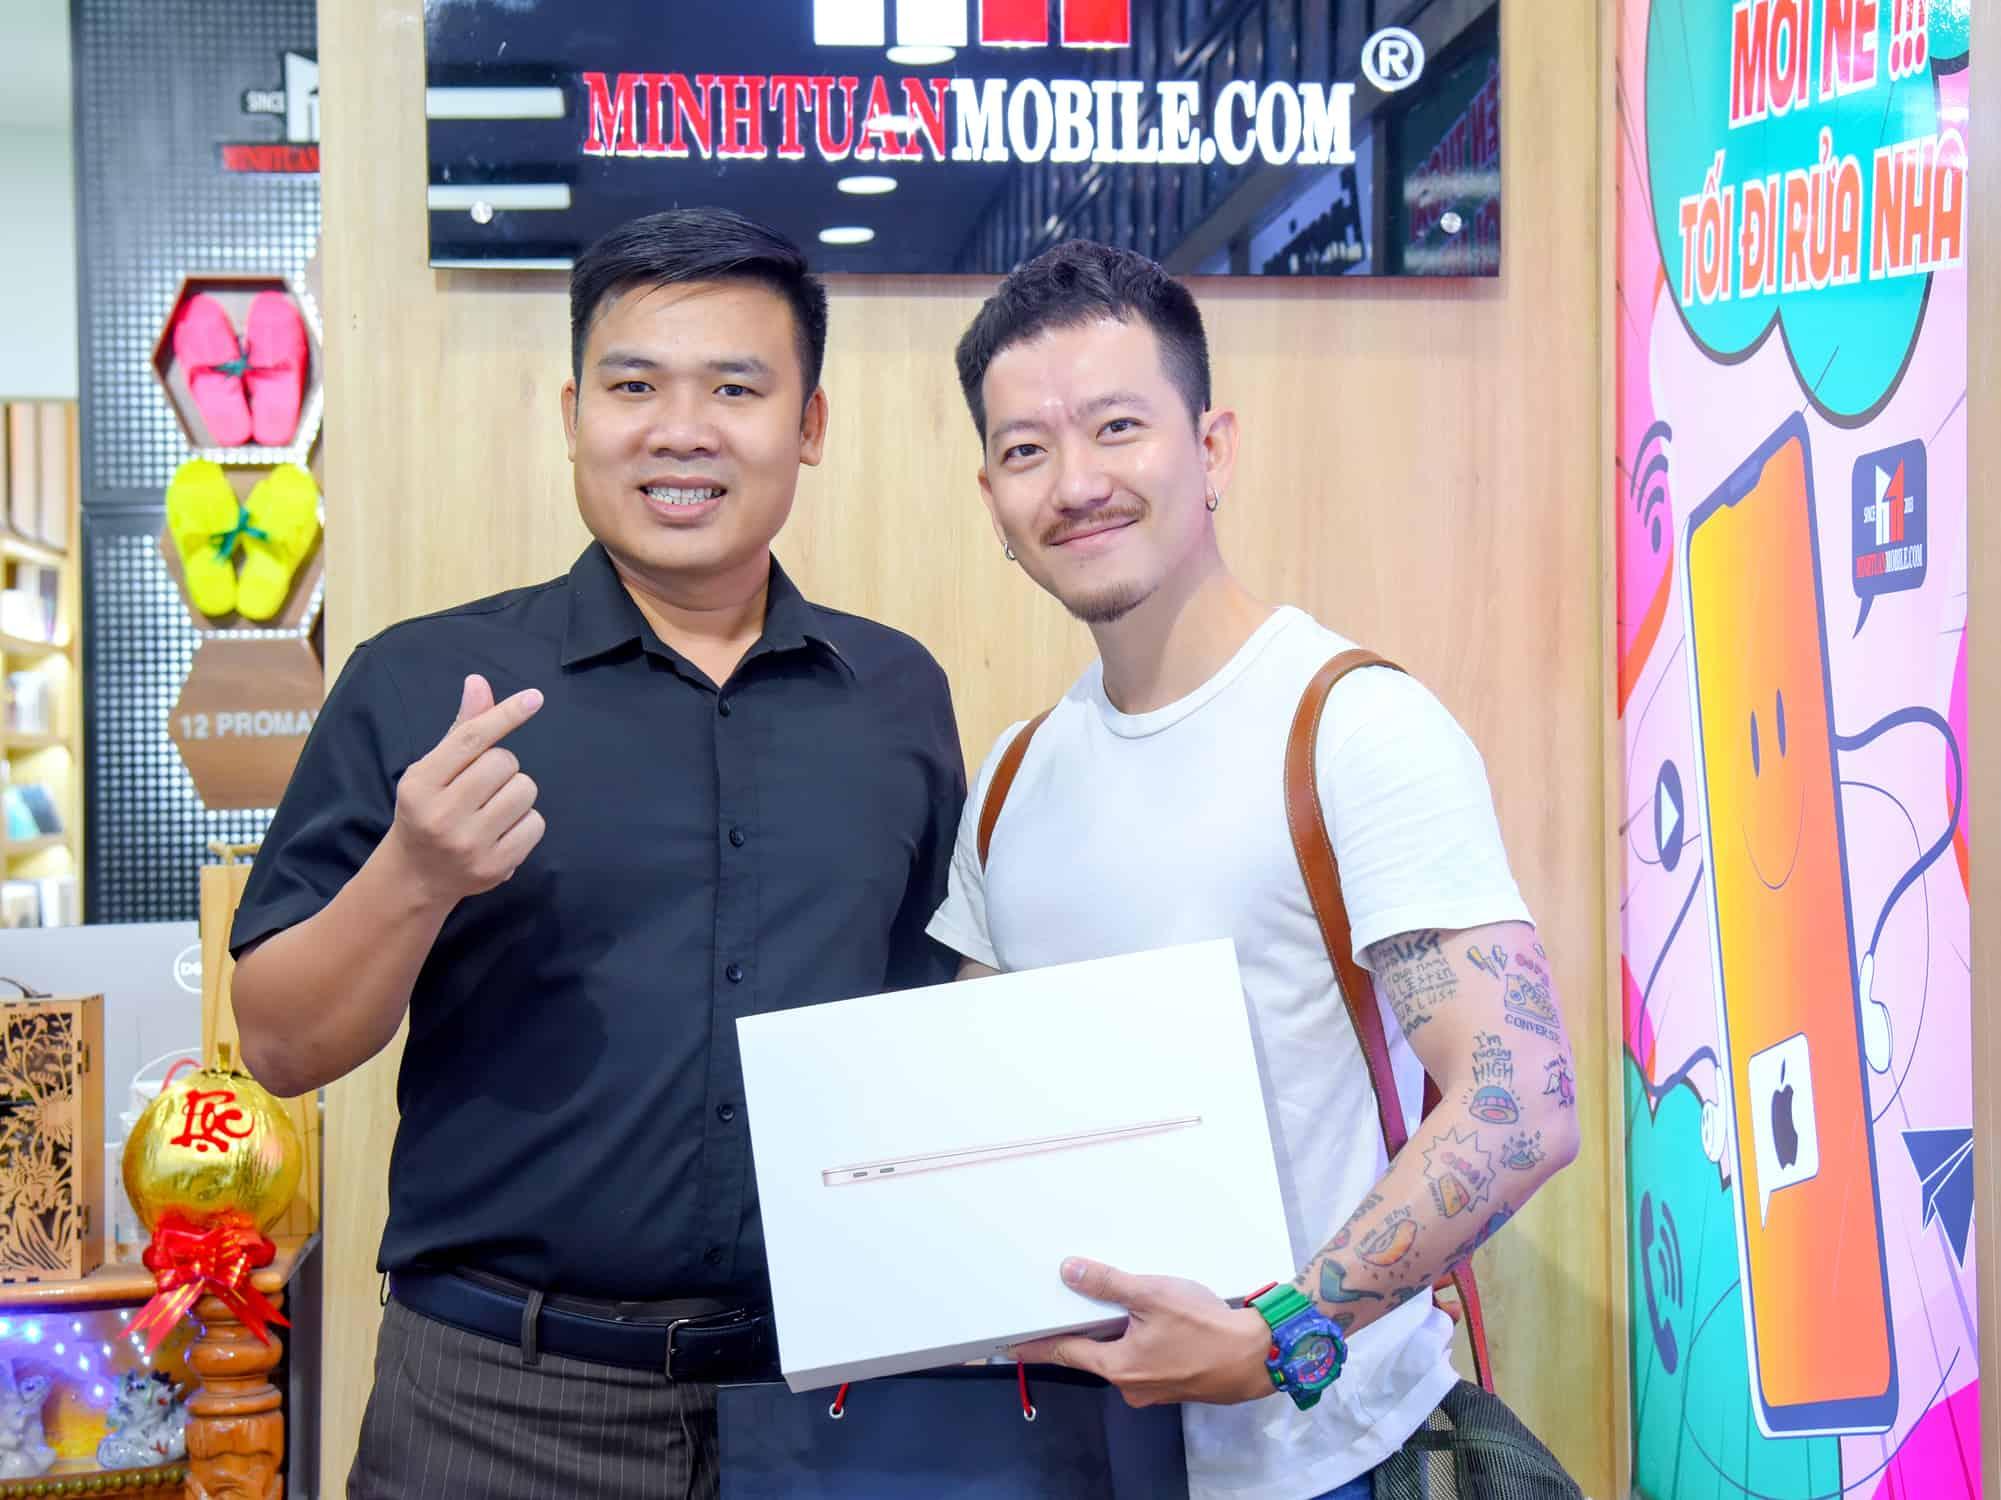 Quá ưng siêu phẩm Macbook Air M1, chàng diễn viên Minh An (Pom) nhanh chóng